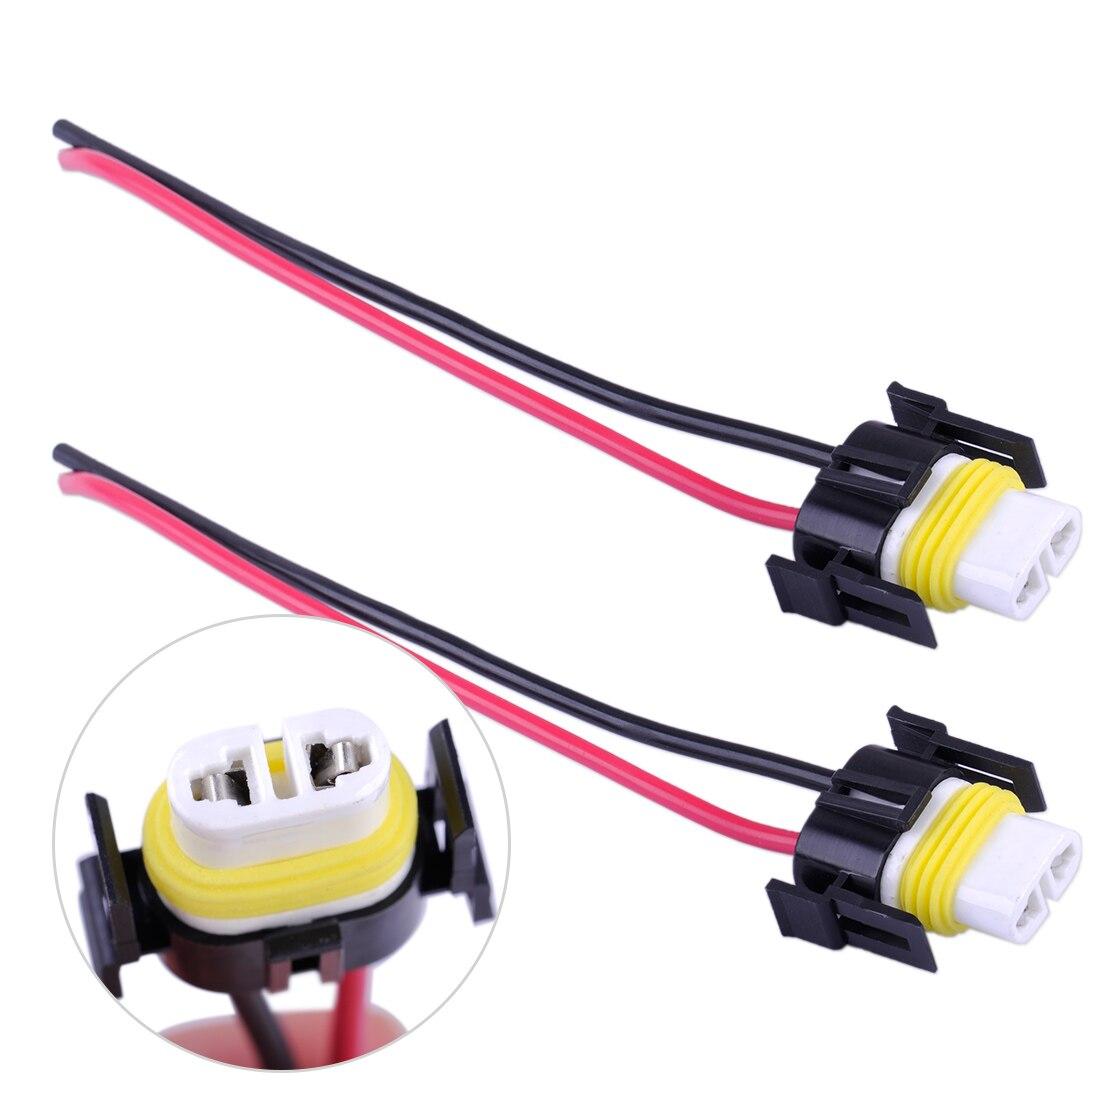 Conector de mazo de cables del faro 2 piezas Coche Moto Adaptador hembra Enchufe de cableado Base de la l/ámpara Soporte Cable Conector para H8 H9 H11